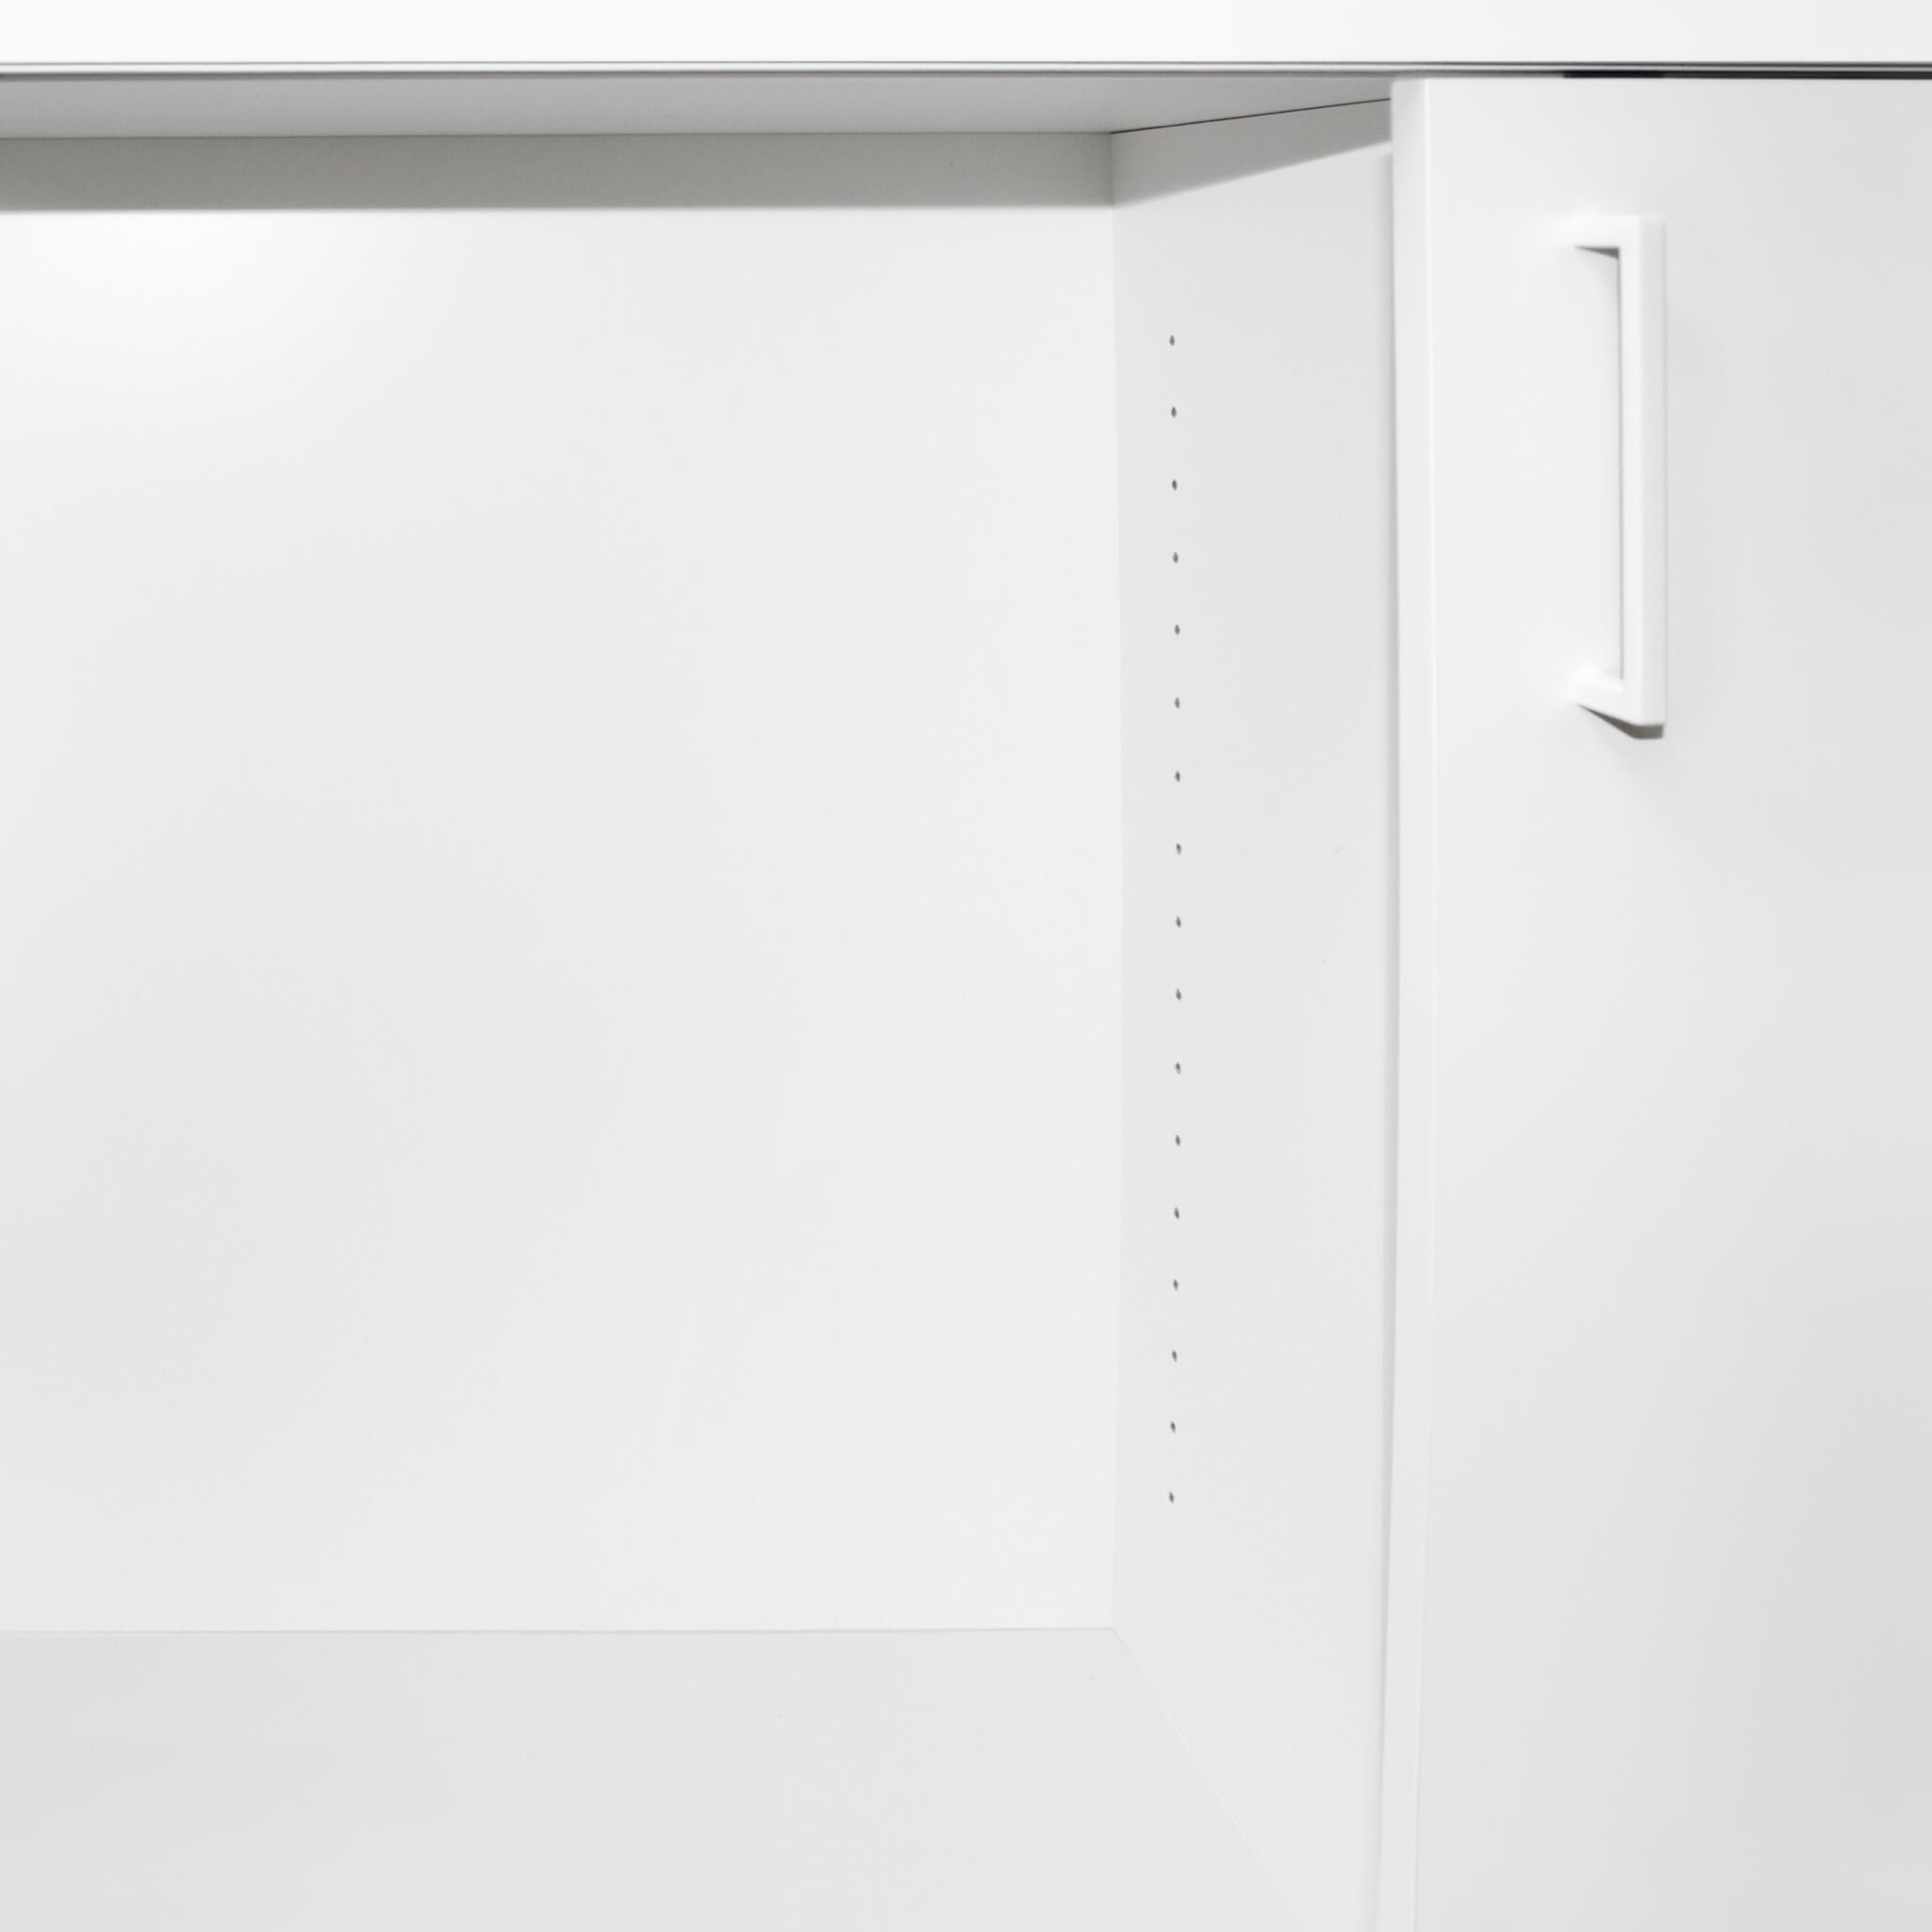 UNI Schiebetürenschrank 1 Meter breit abschließbar 2OH Weiß Schrank Büroschrank